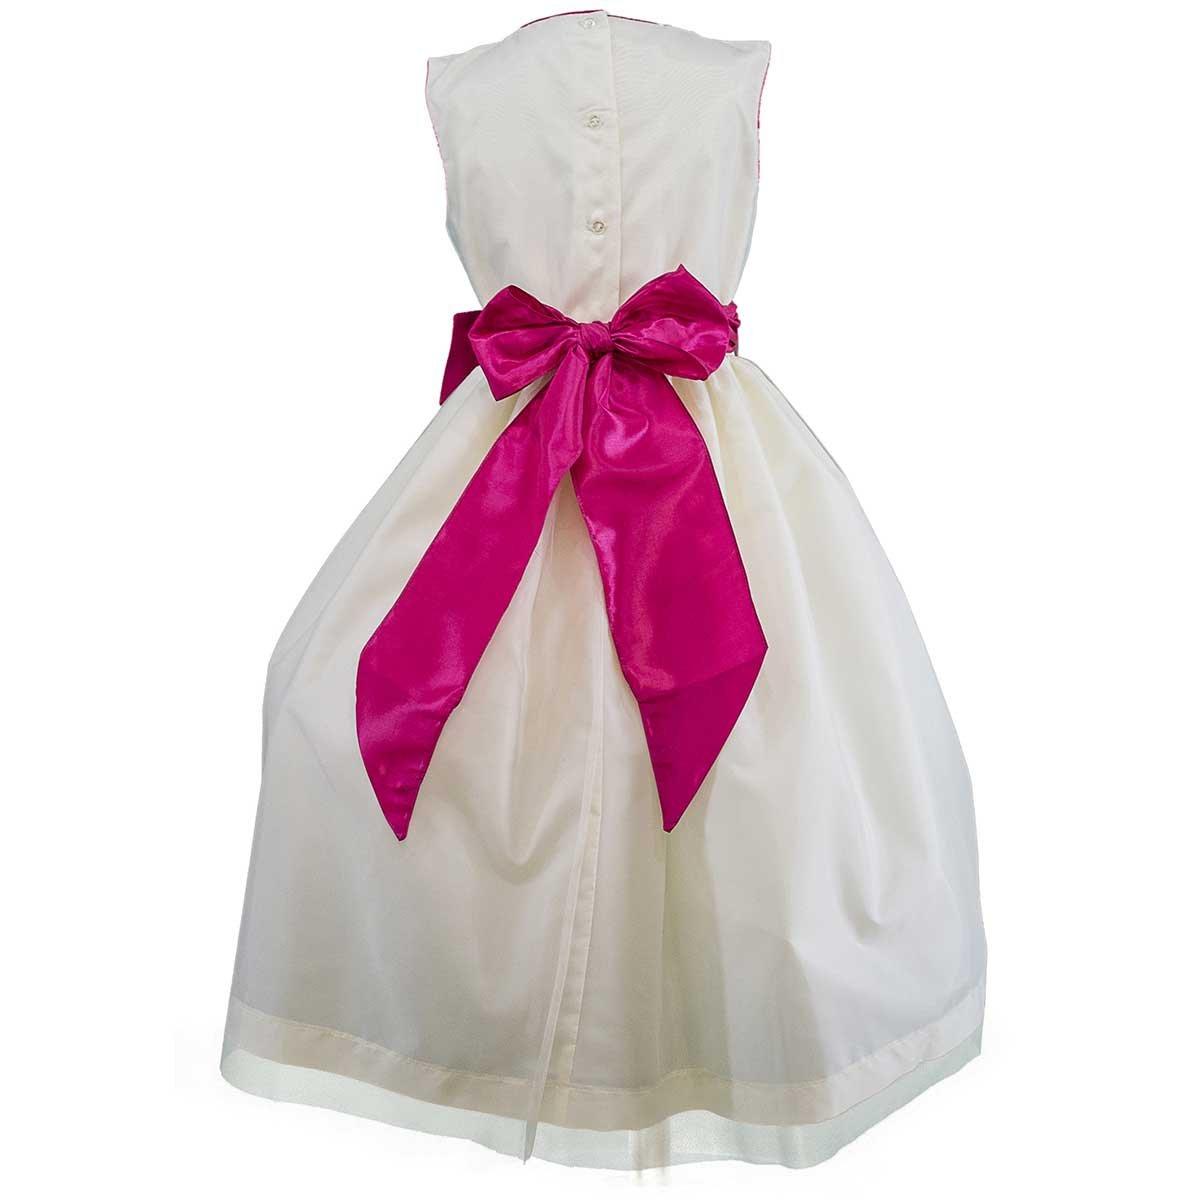 Vestido Formal Mariposas Gerat | SEARS.COM.MX - Me entiende!